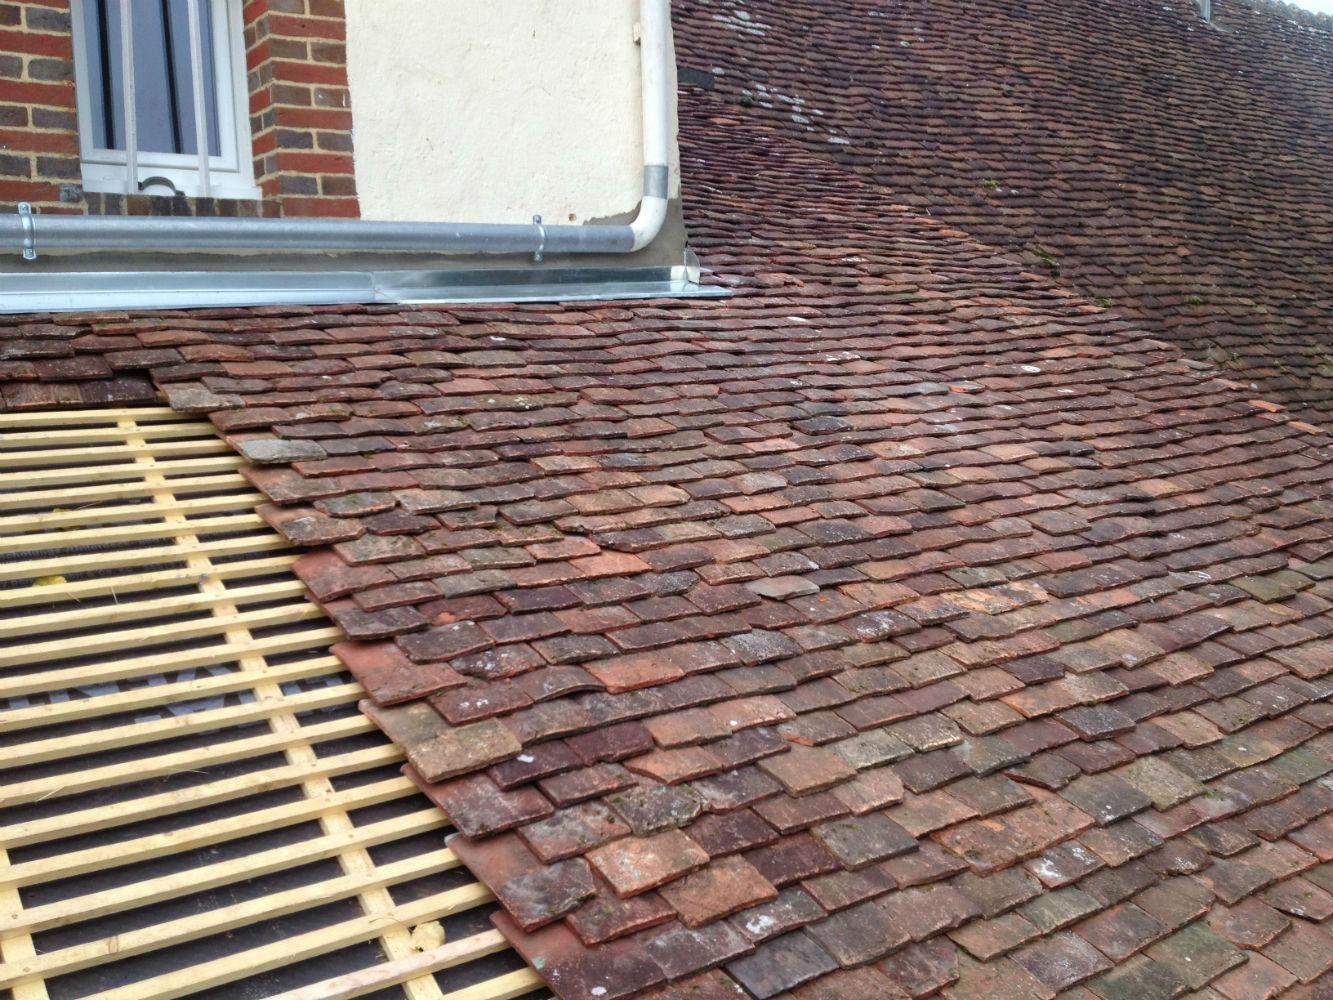 Toiture fibro ciment duree de vie devis artisant lorient entreprise rhuvc - Fibro ciment toiture ...